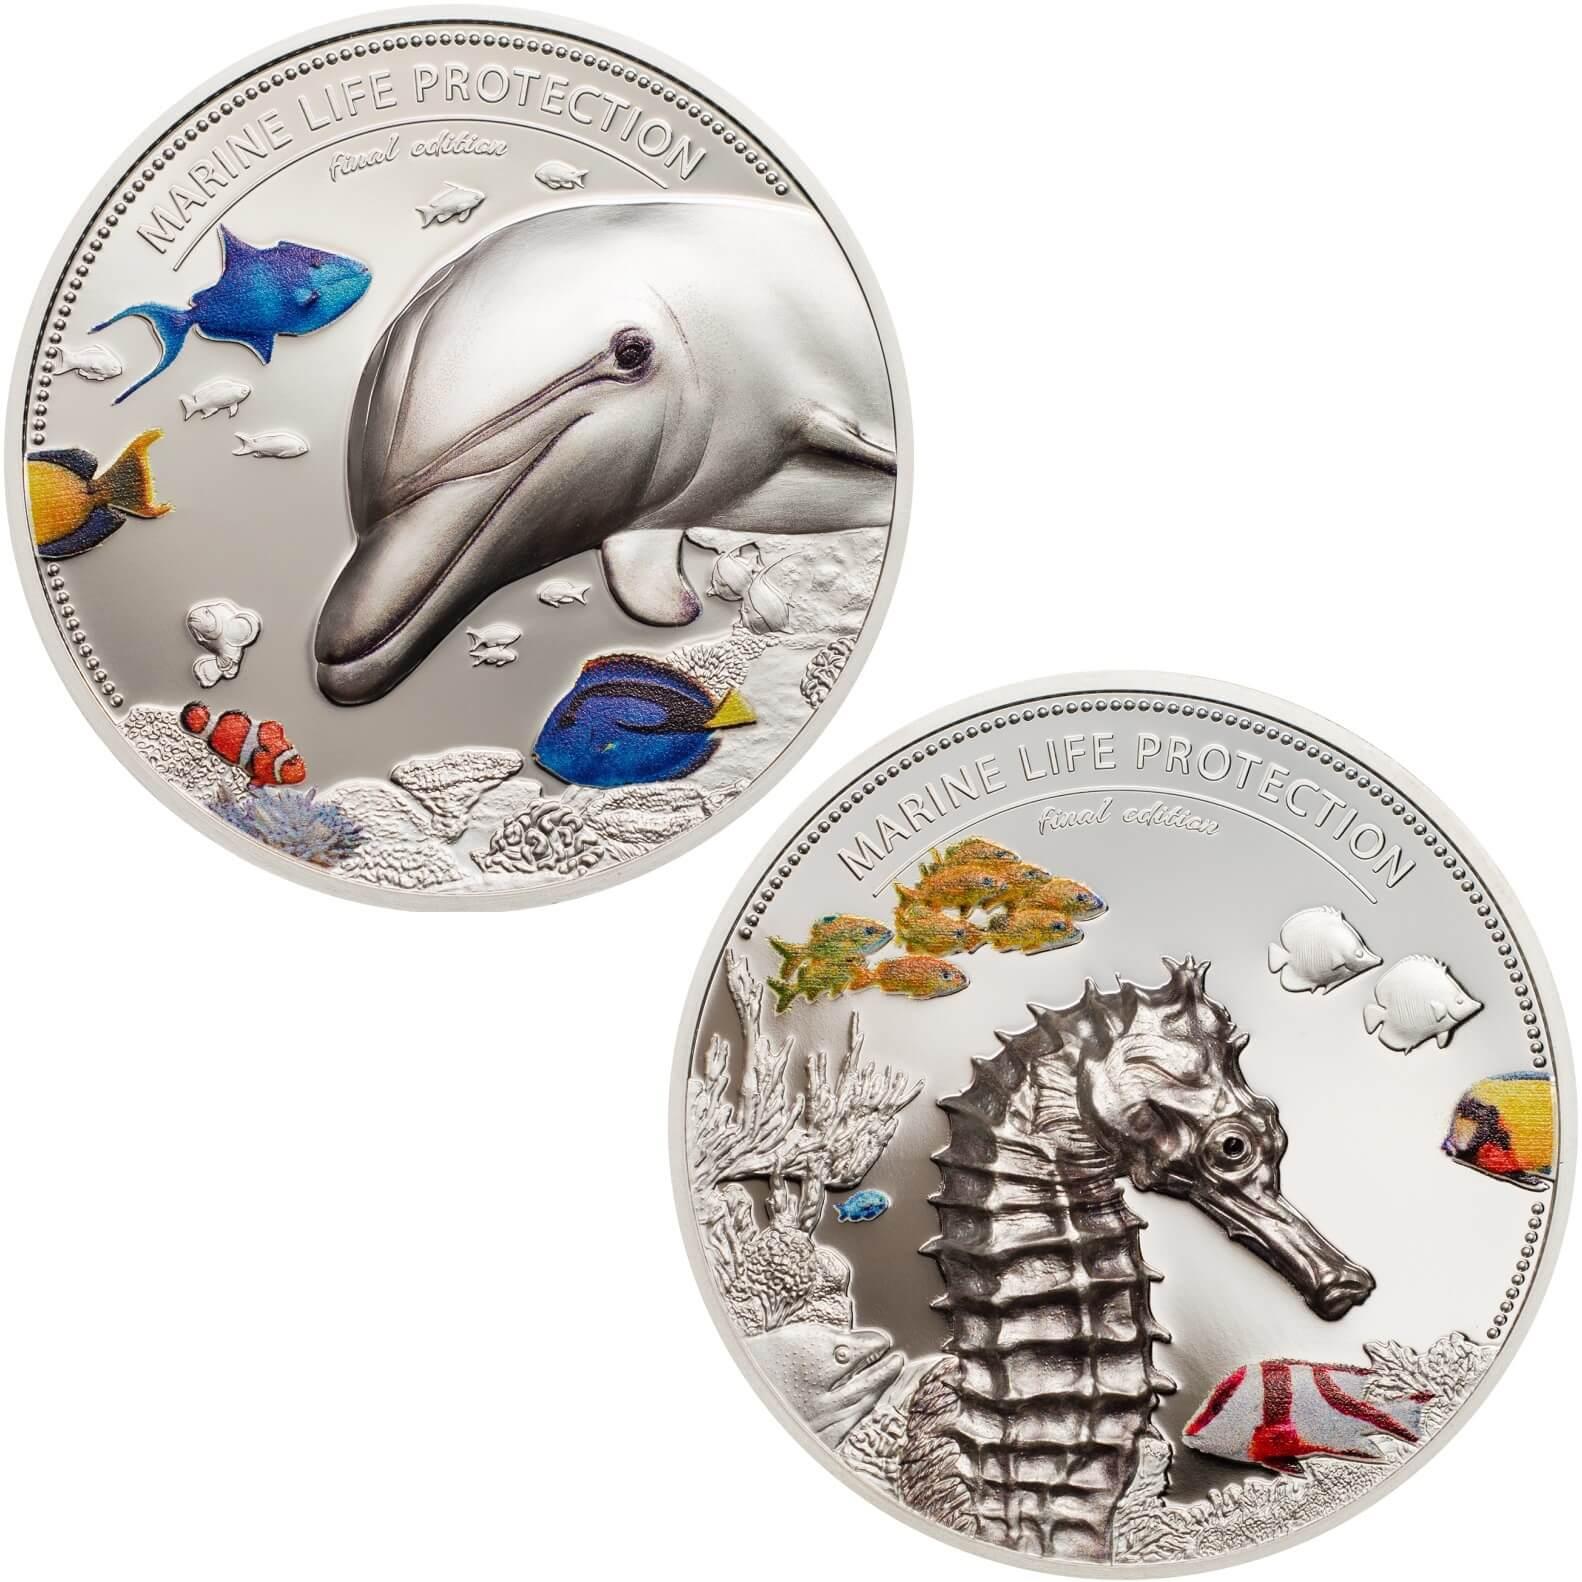 Moneda cuidado marino Palaus